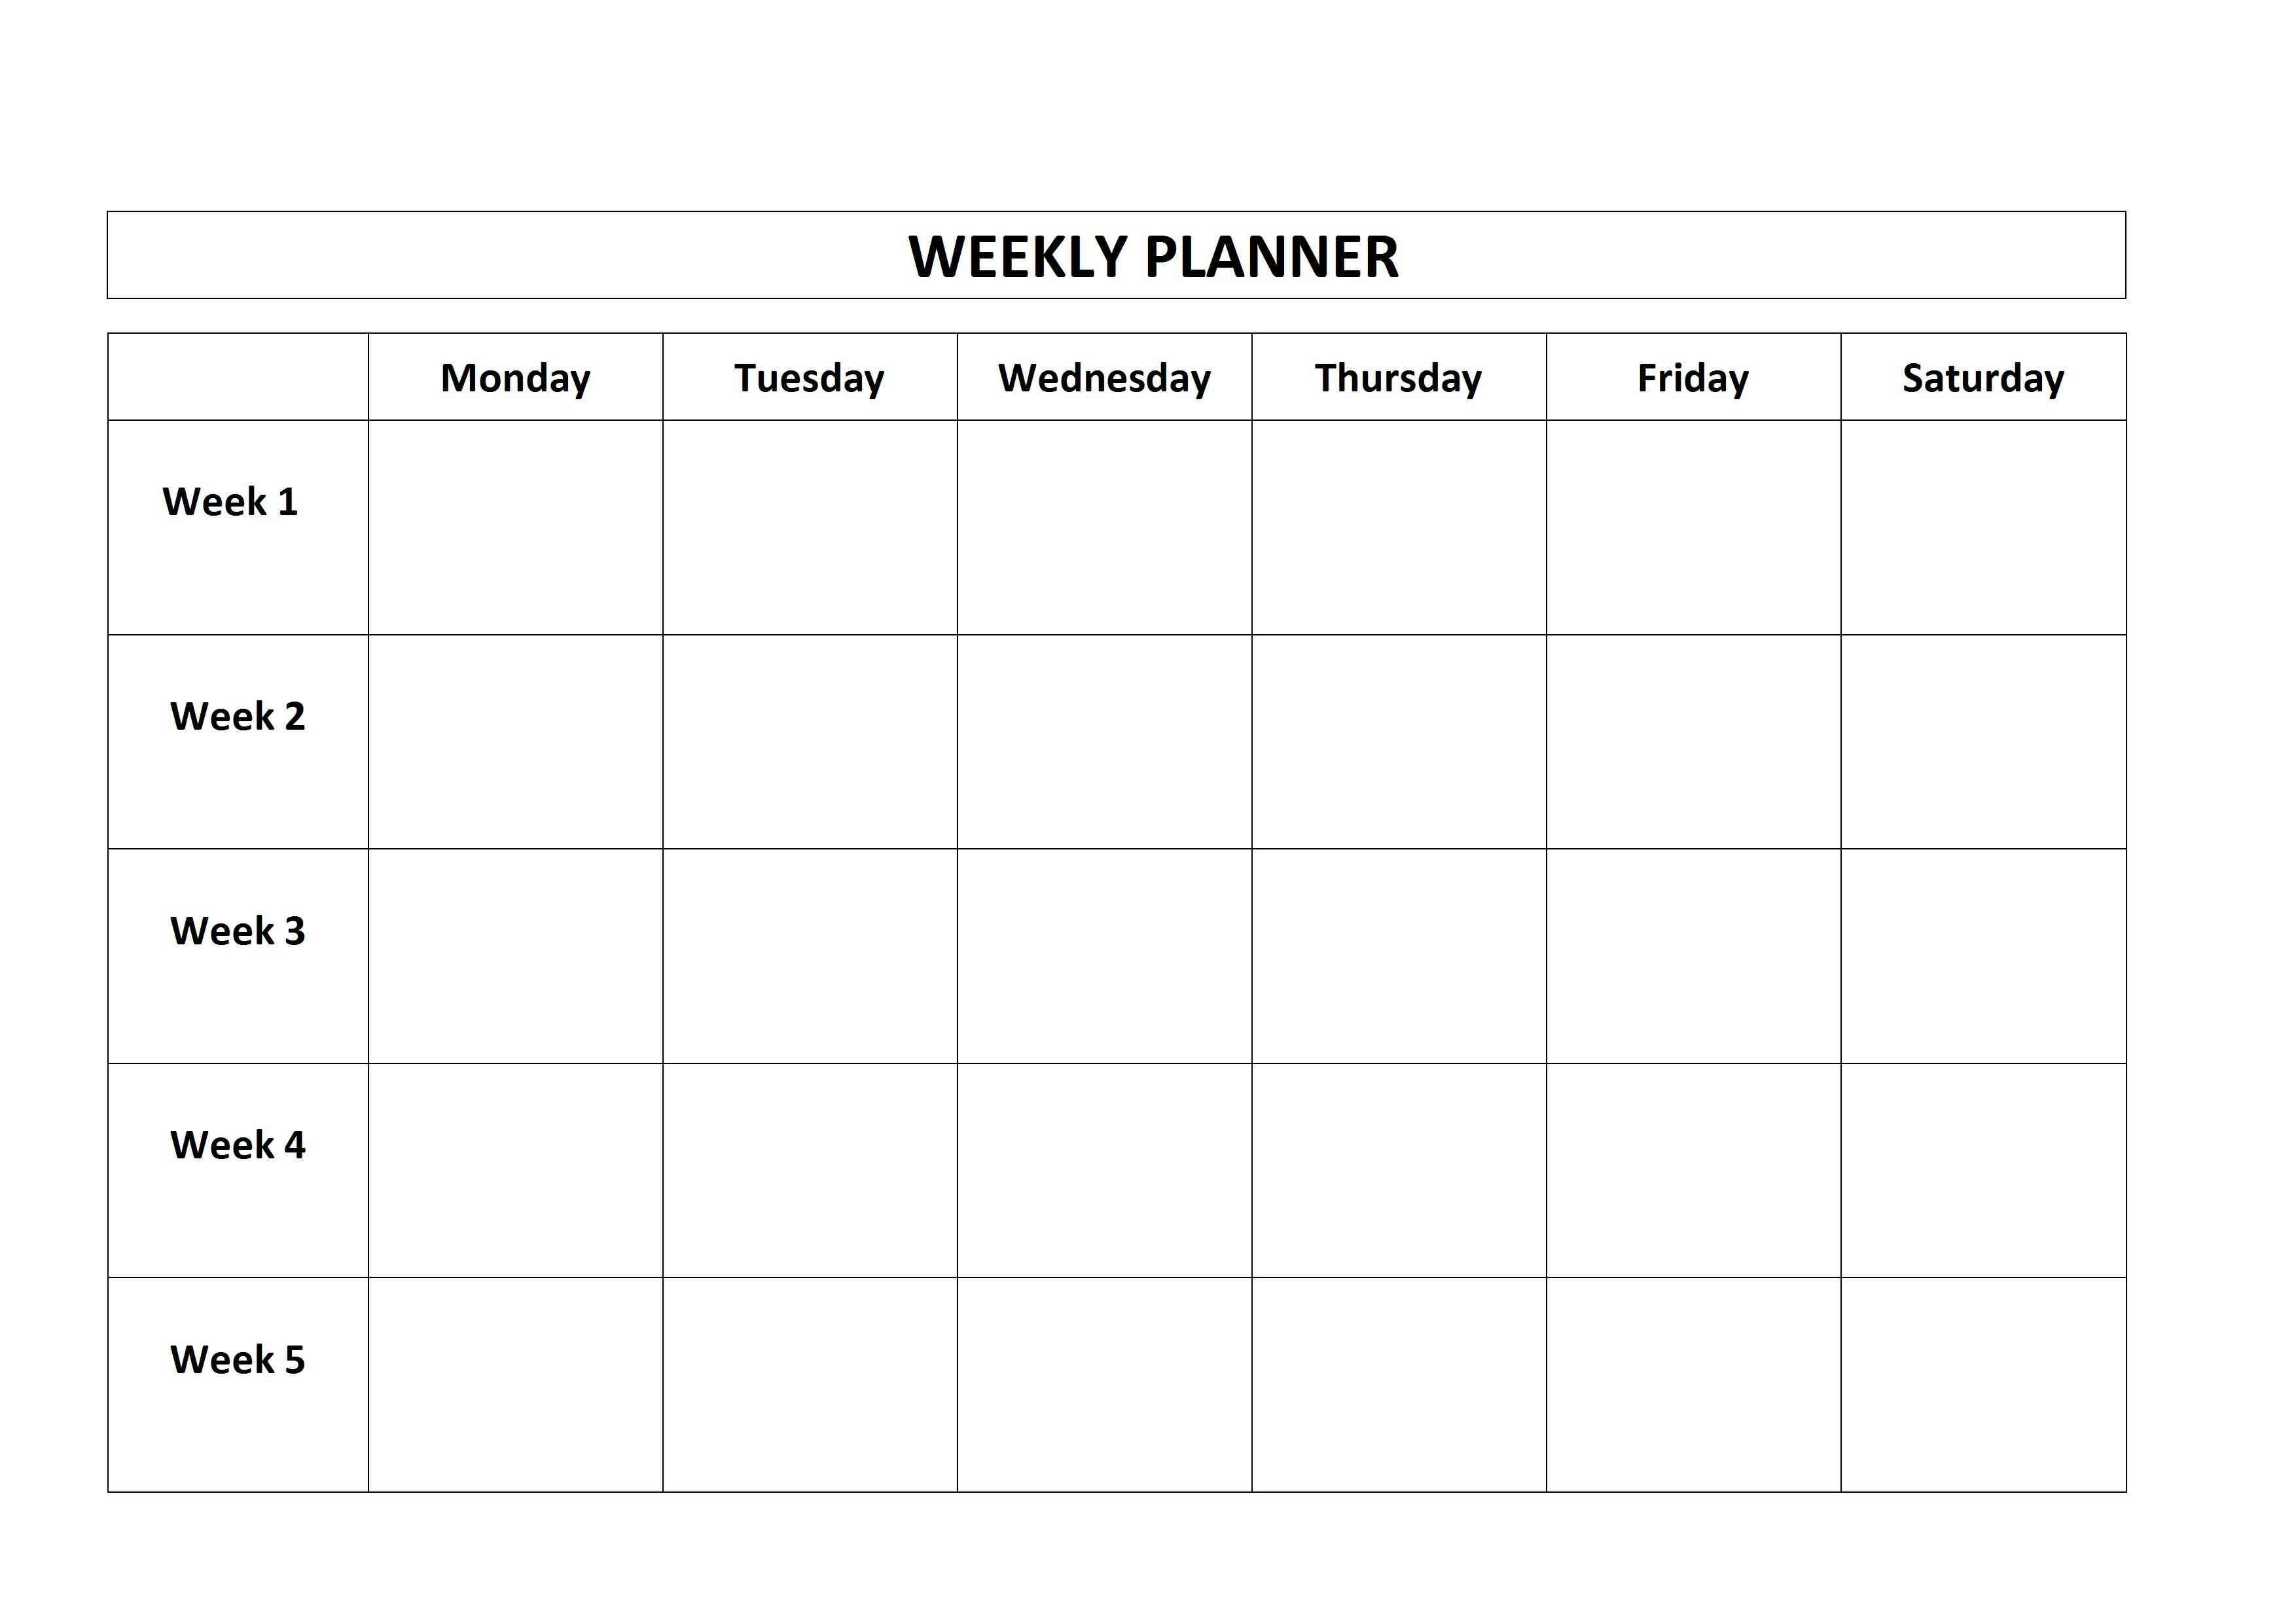 Blank Weekly Schedule Printable Week Calendar October May With | Smorad throughout 6 Week Printable Blank Calendar